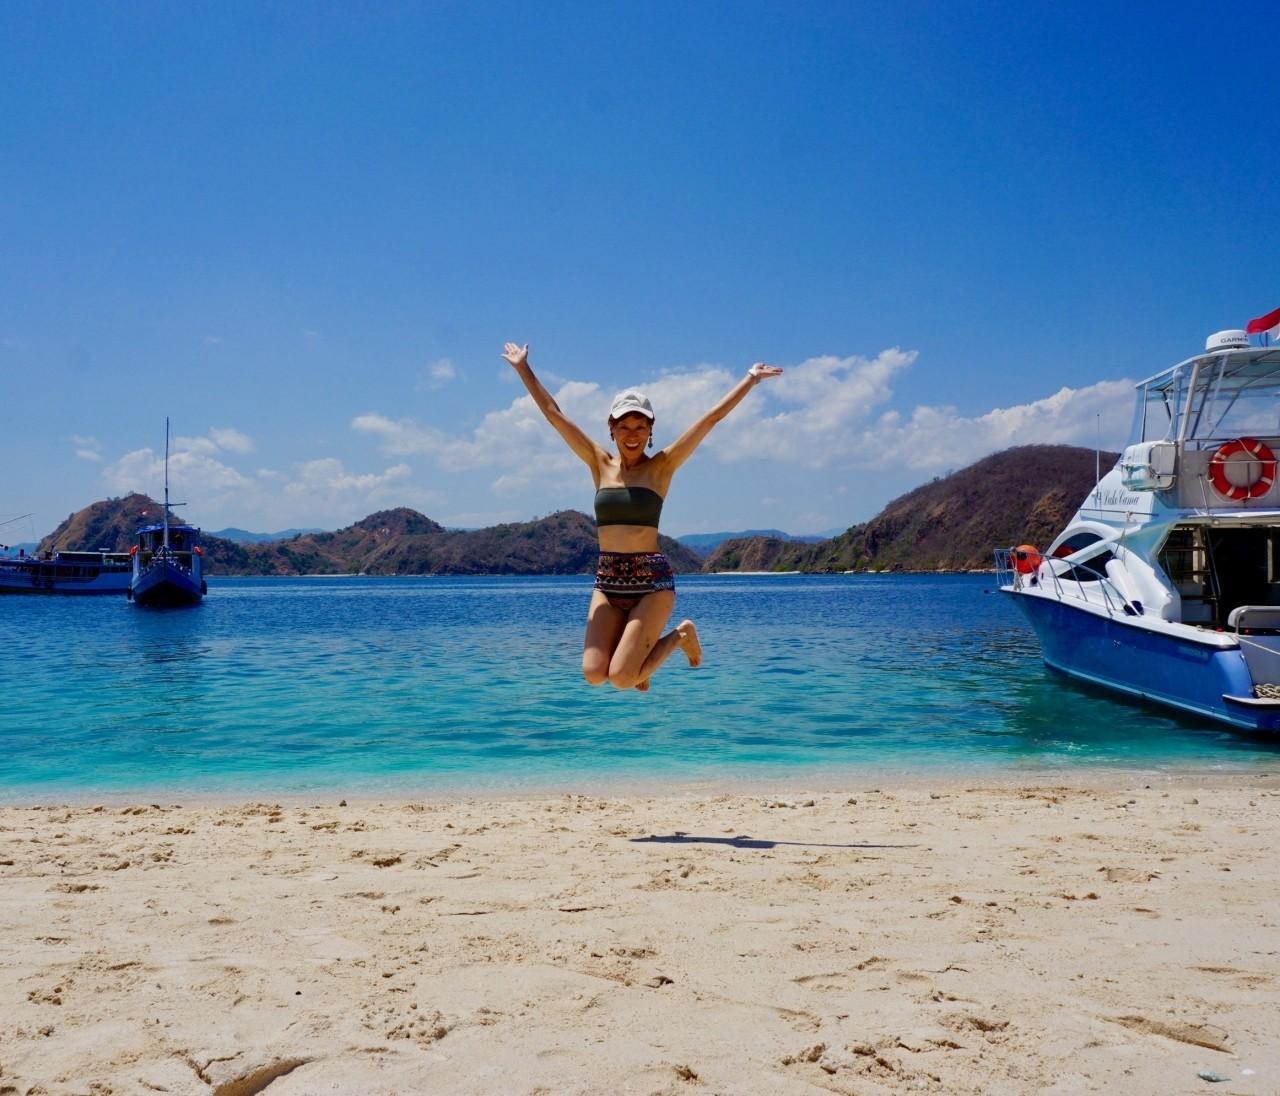 30代女子リゾート旅おすすめNo.1【コモド島|インドネシア】に冒険すべき理由14